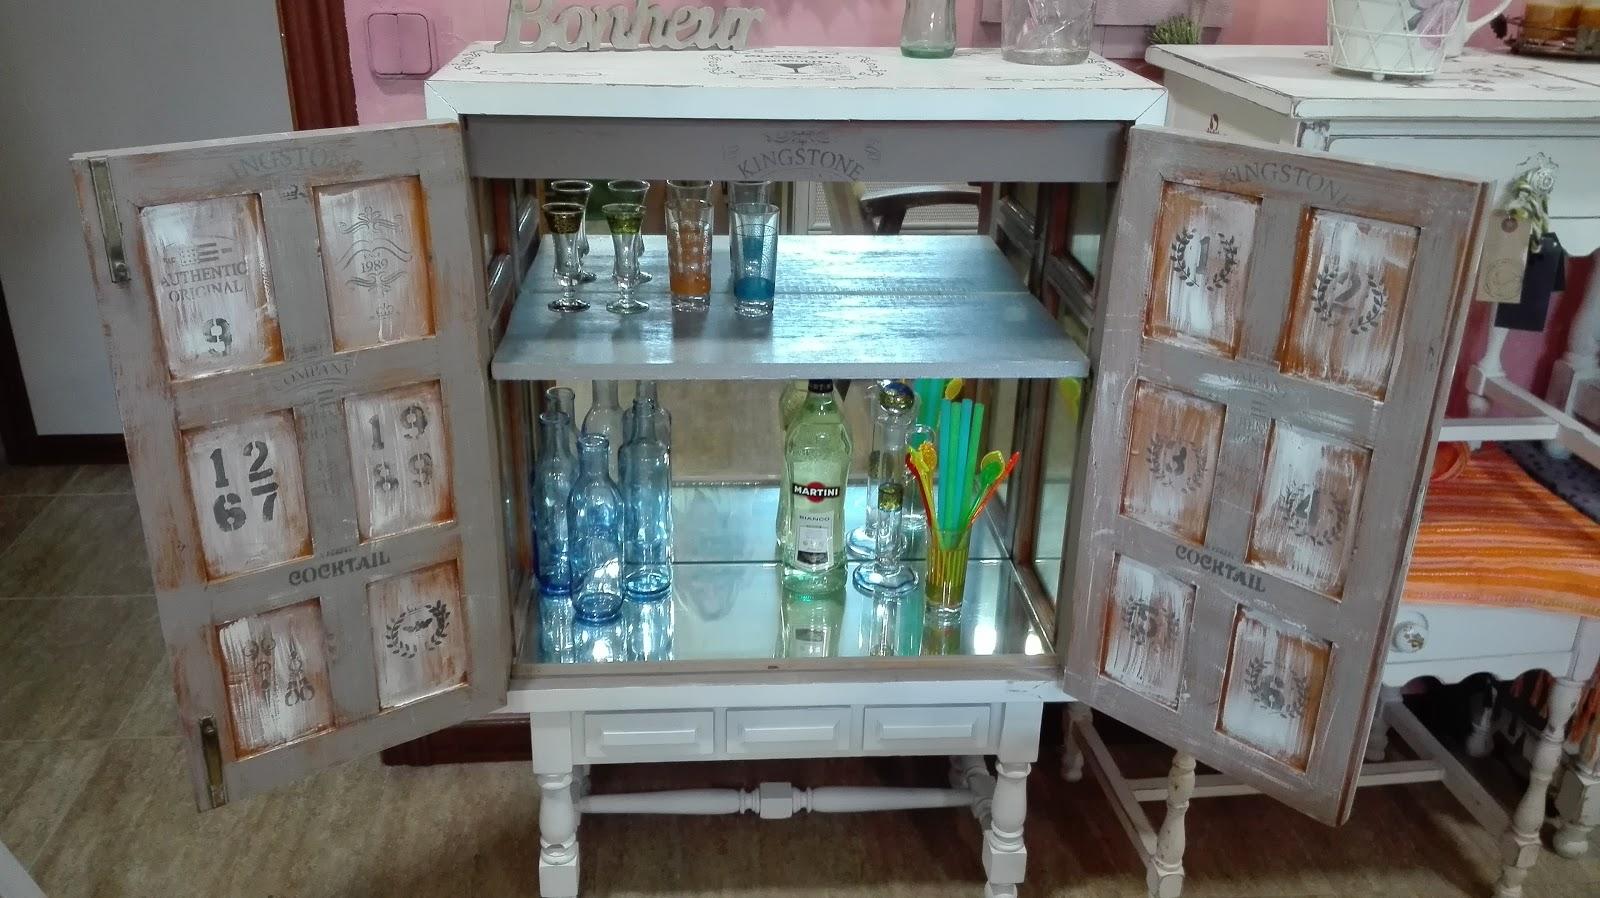 Alicia dom nguez designart mueble bar vintage recuperado madera maciza interior espejos balda - Wallapop muebles antiguos ...